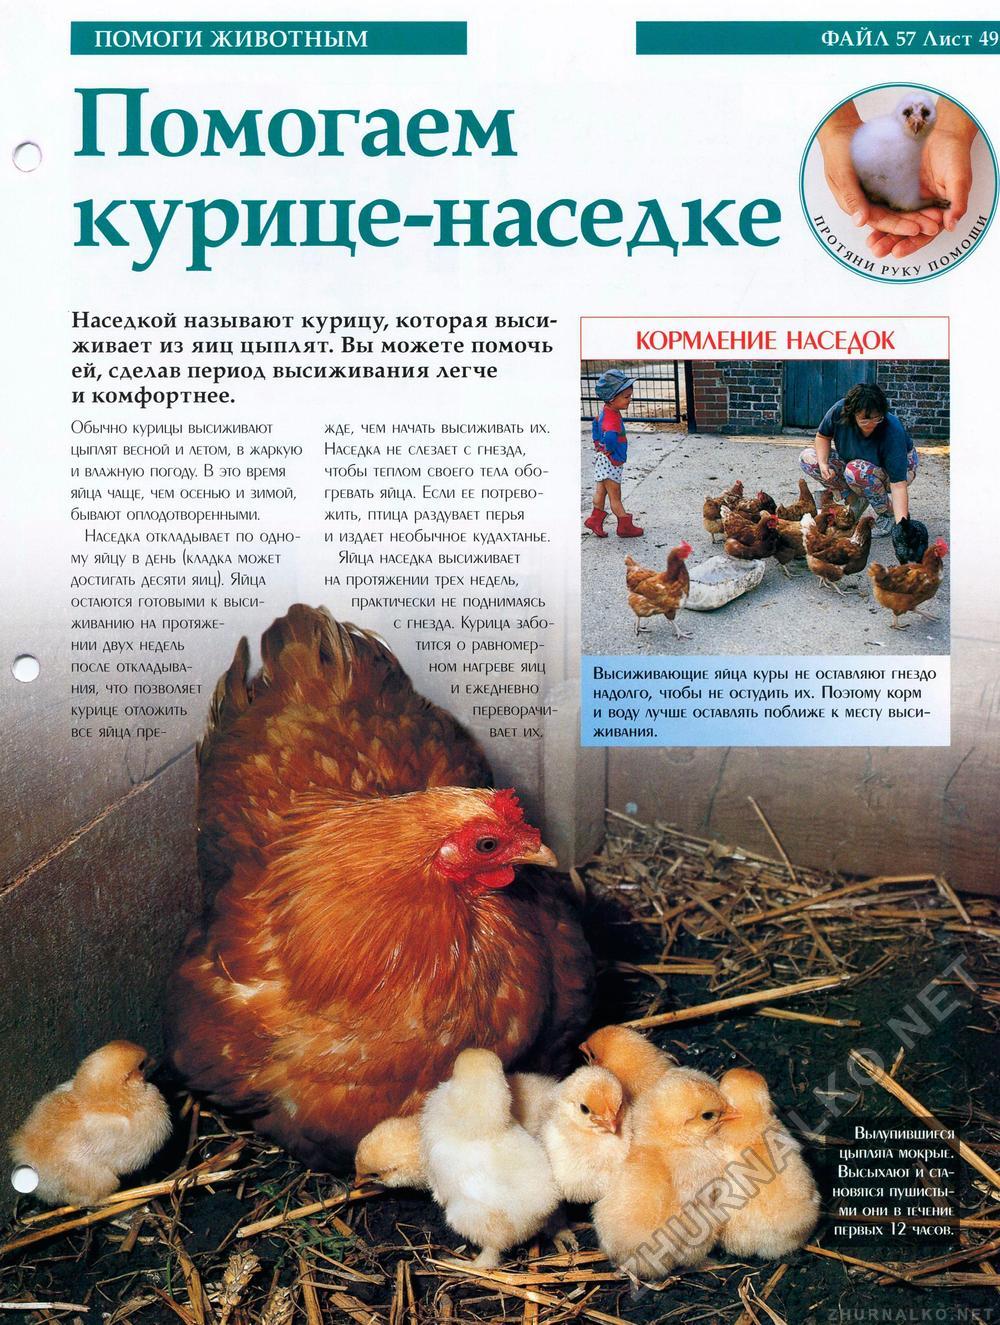 Сколько времени курица высиживает яйцо до появления цыпленка: положенное время и сроки